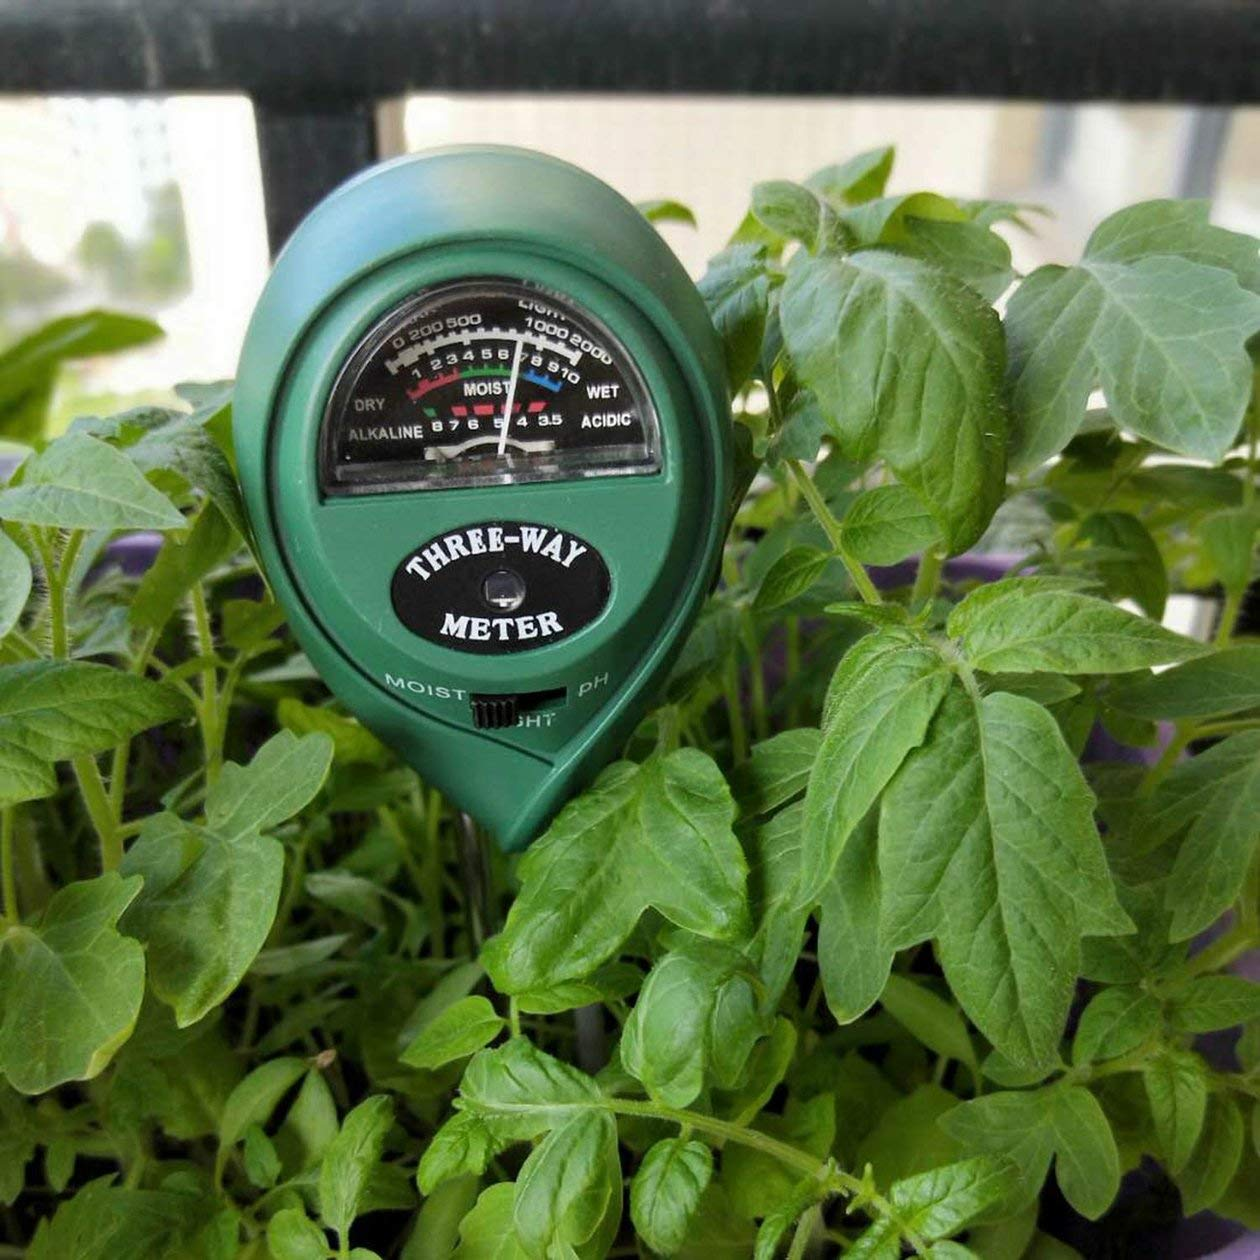 HONZIRY Higr/ómetro Exterior Medidor de pH del Suelo Medidor de luz de Humedad 3 en 1 Detector de pH Analizador Puntero Suelo para jard/ín Planta Flor Suelo Color: Verde